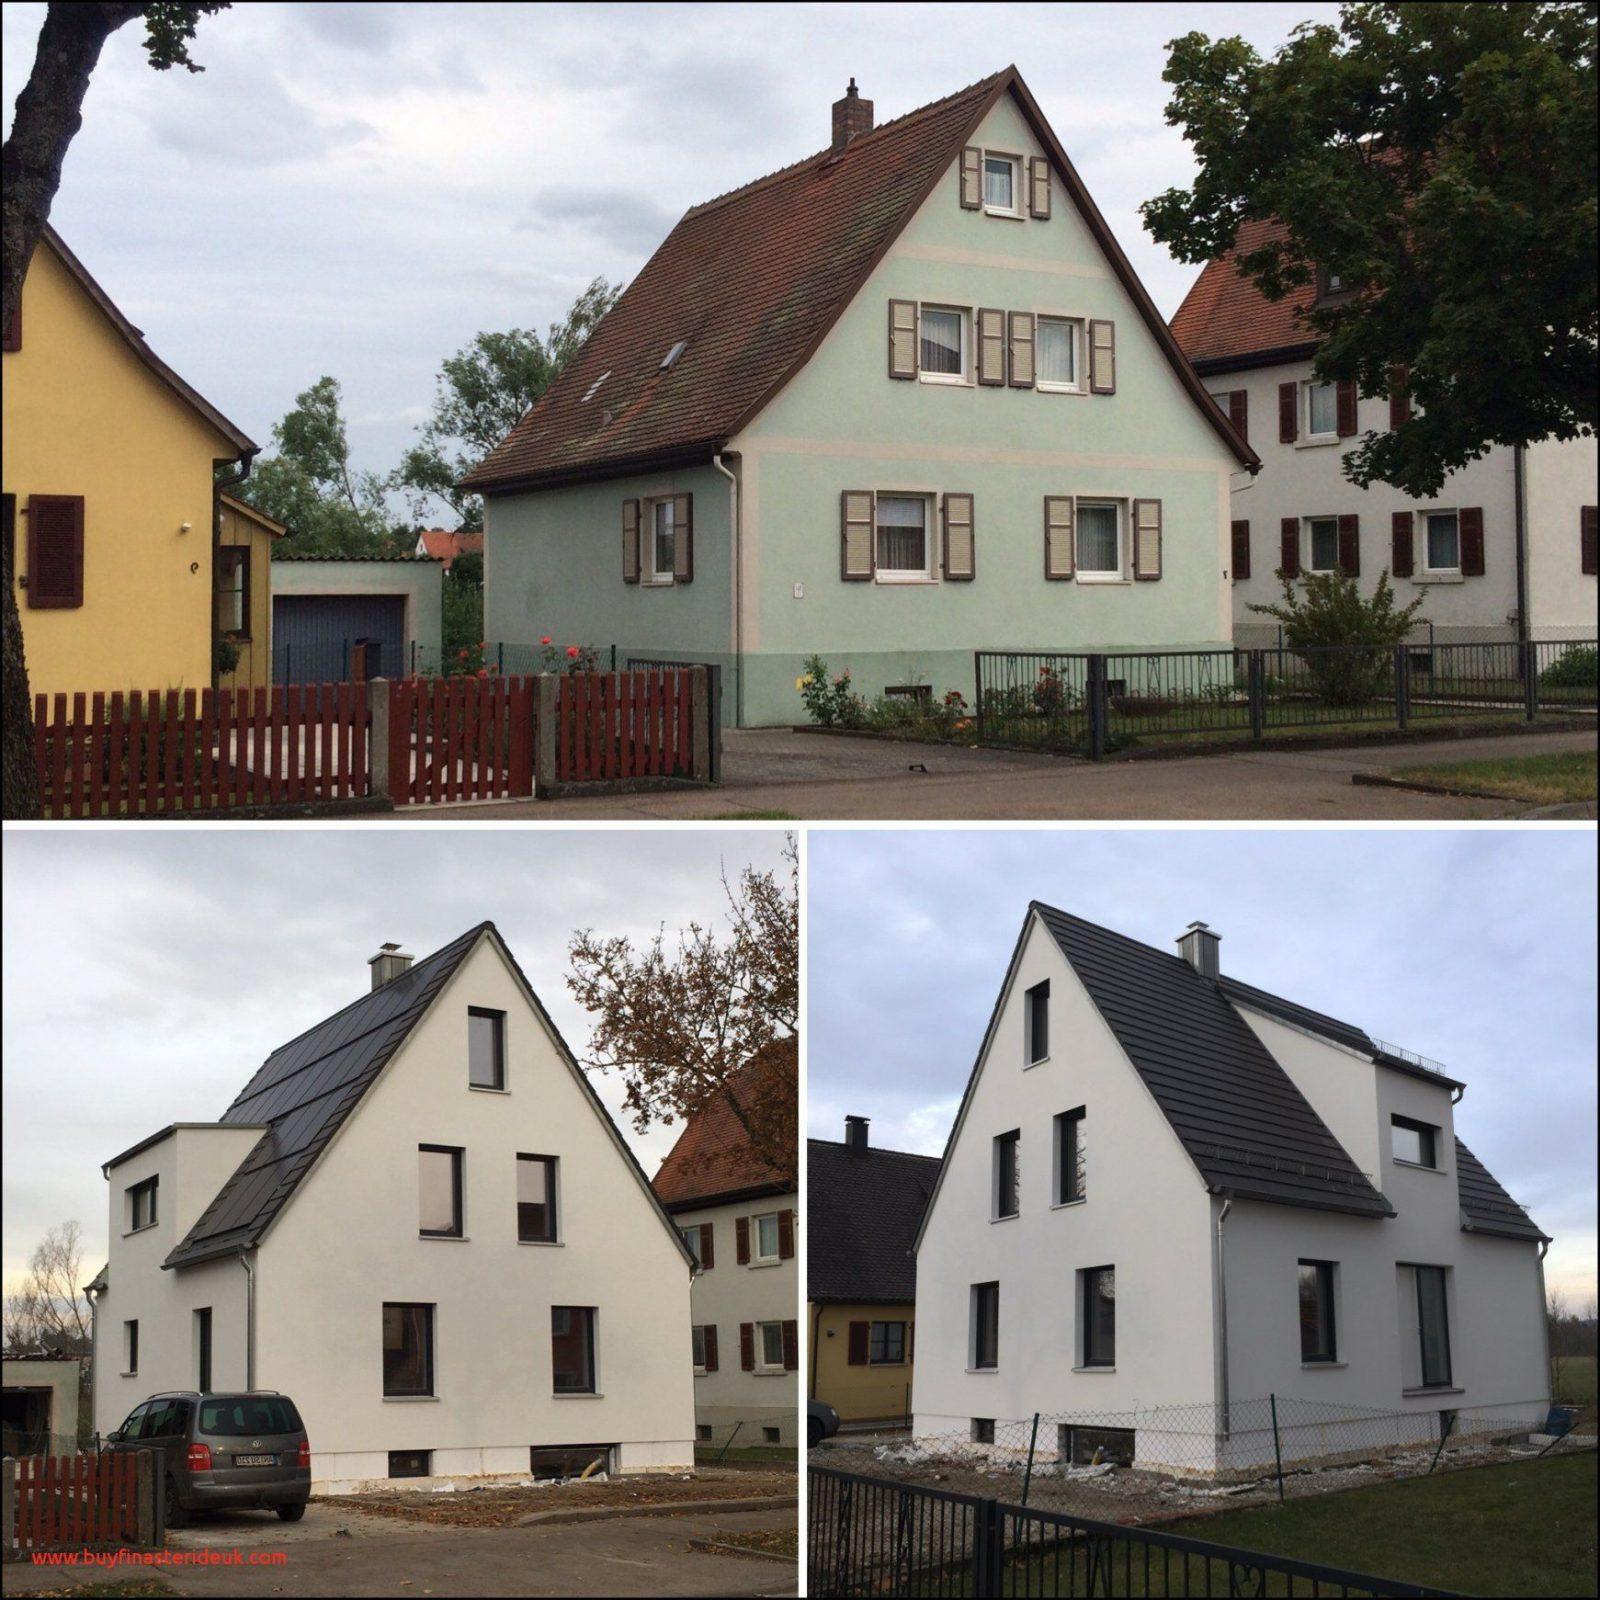 Altes Haus Sanieren Von Altes Haus Sanieren Vorher Nachher Best von Altes Haus Renovieren Vorher Nachher Photo